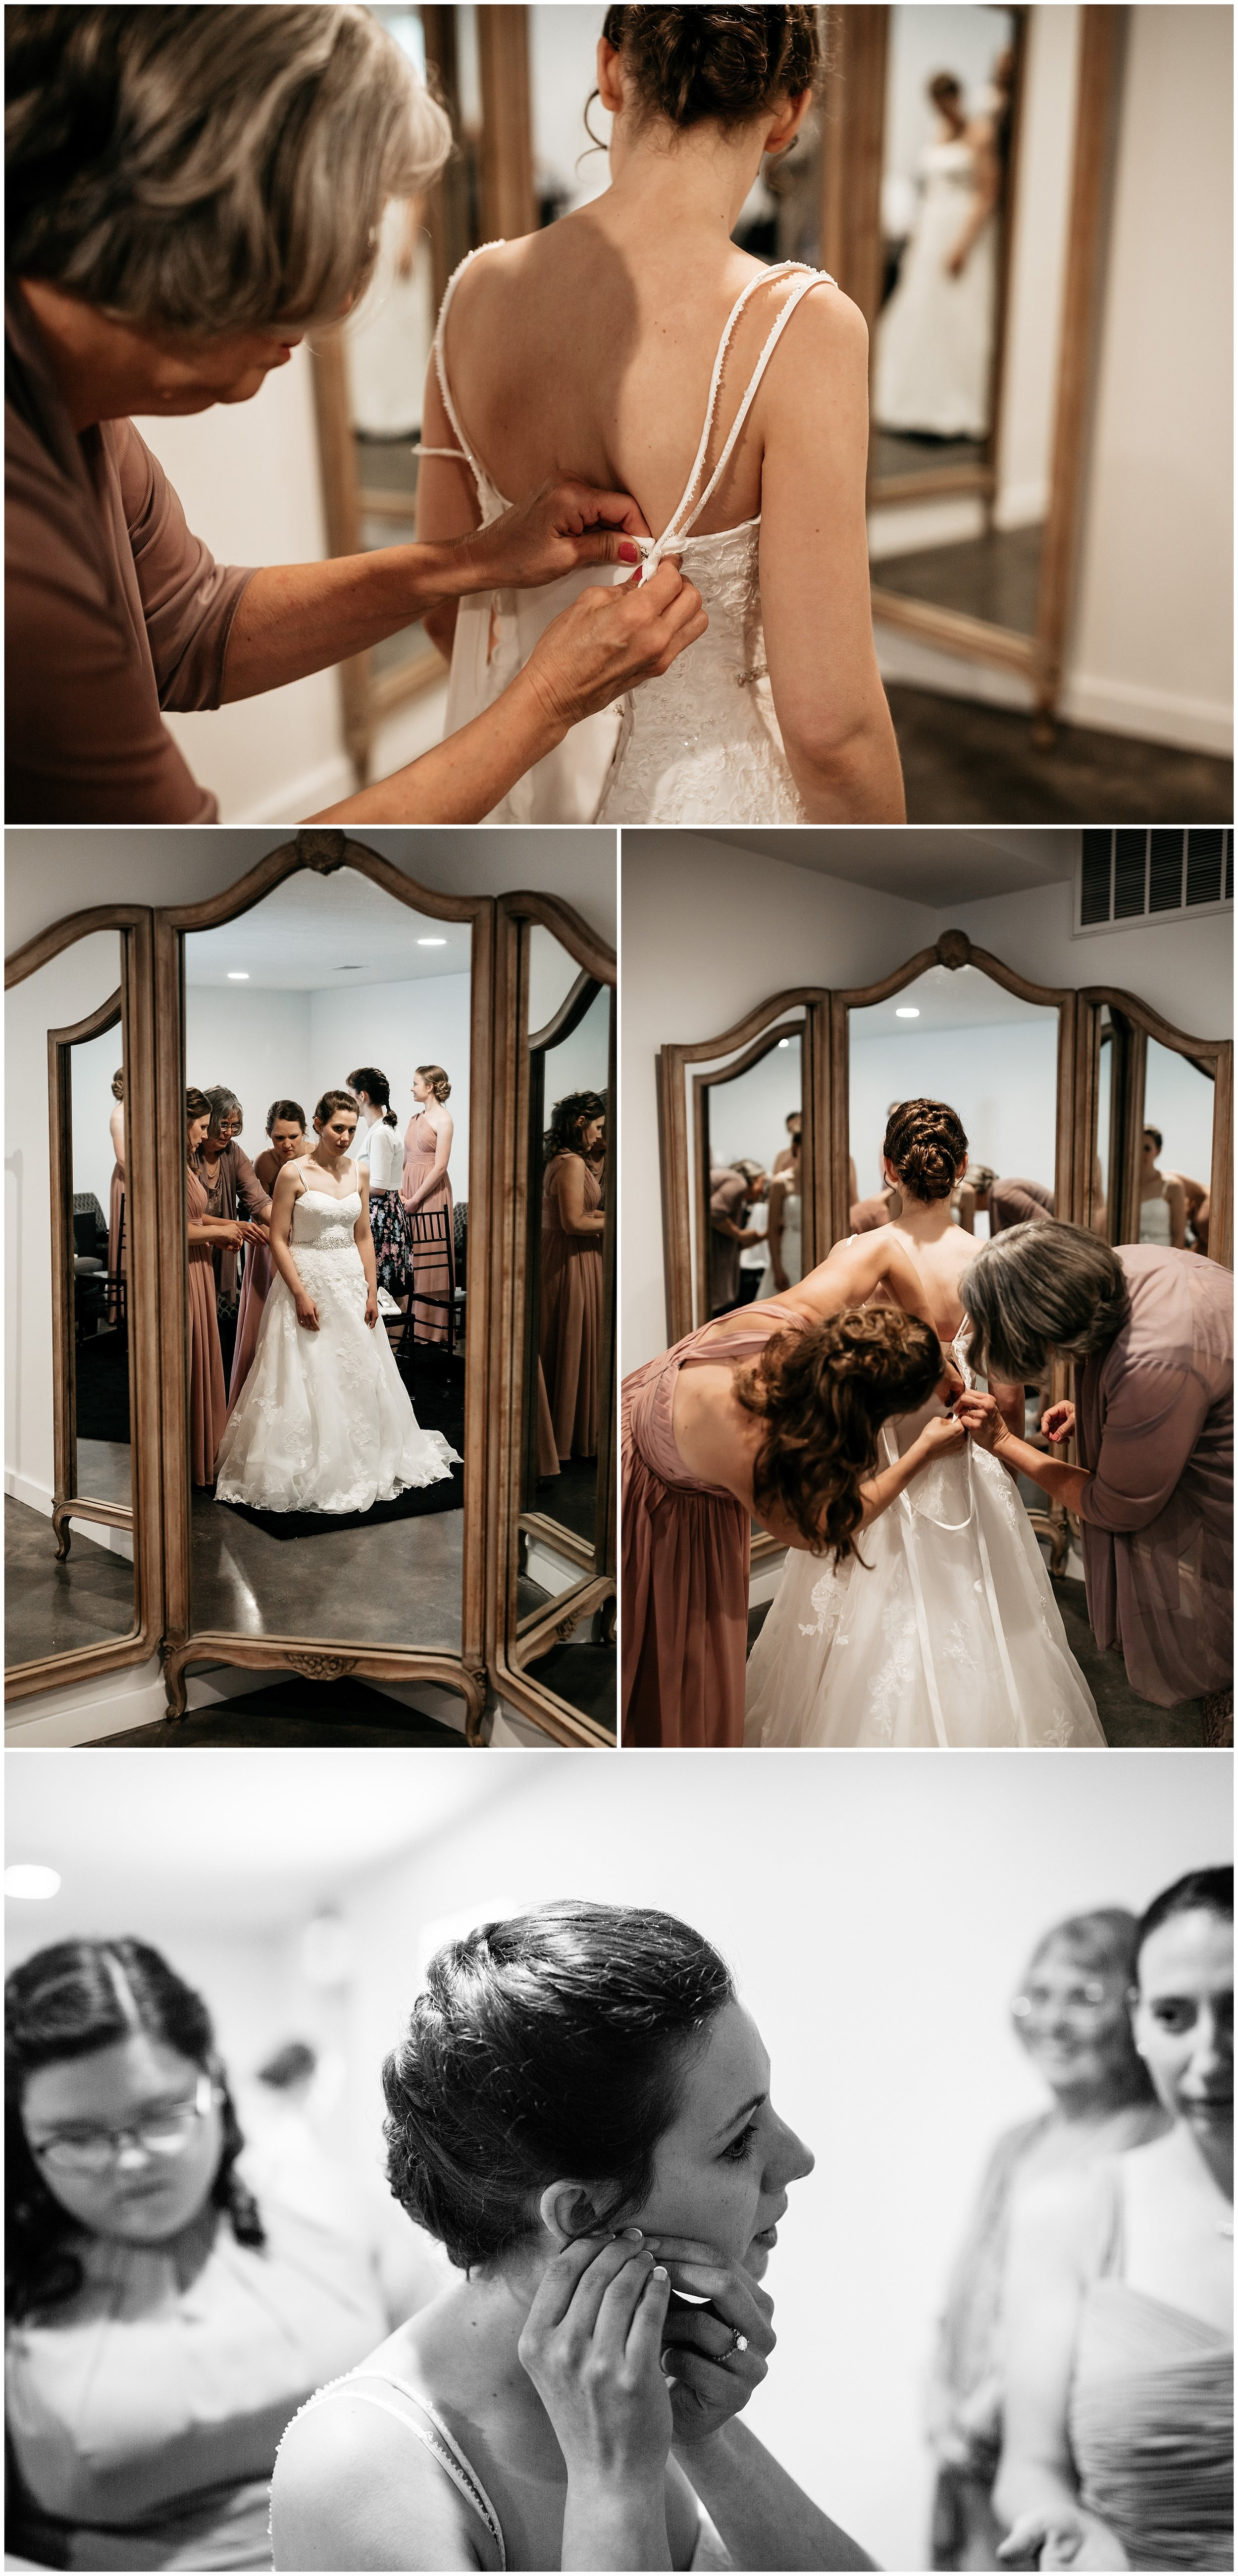 whitebarnprospectweddingphotos_0005.jpg